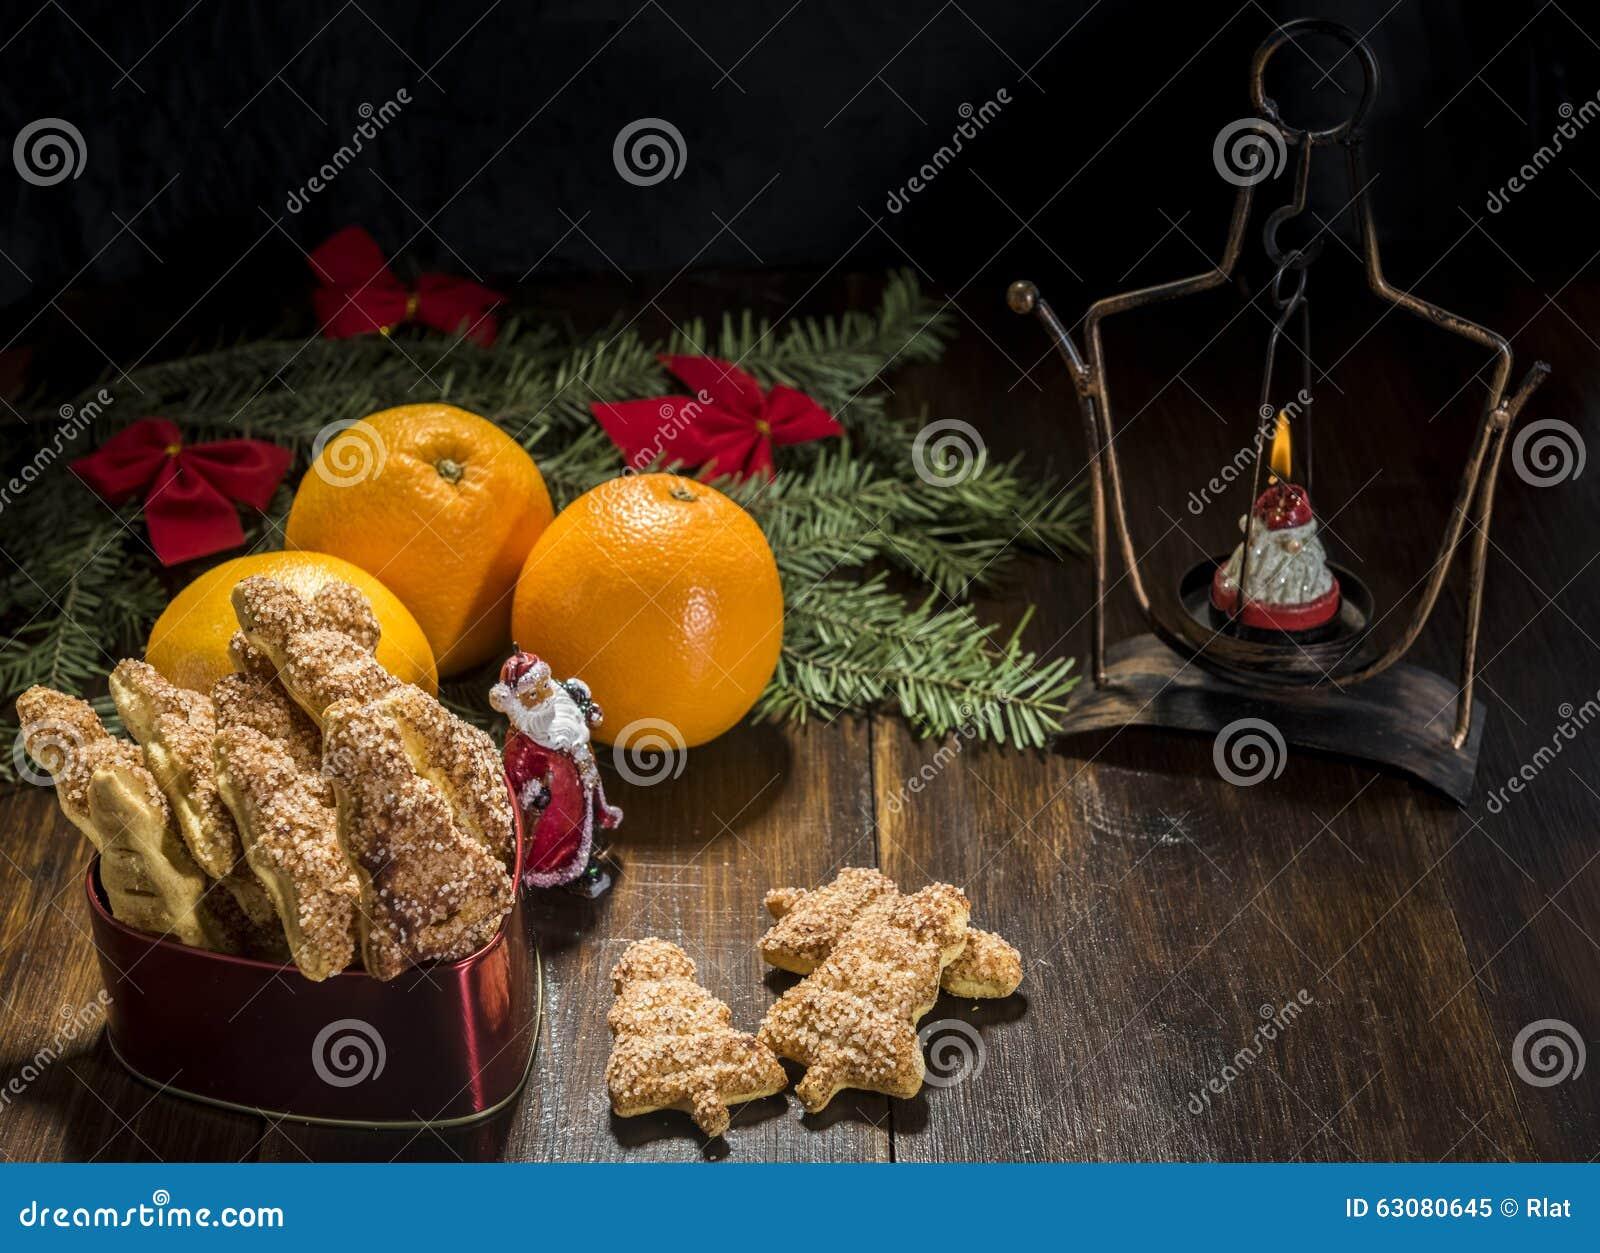 Download Biscuits de Noël et image stock. Image du lumière, nourriture - 63080645